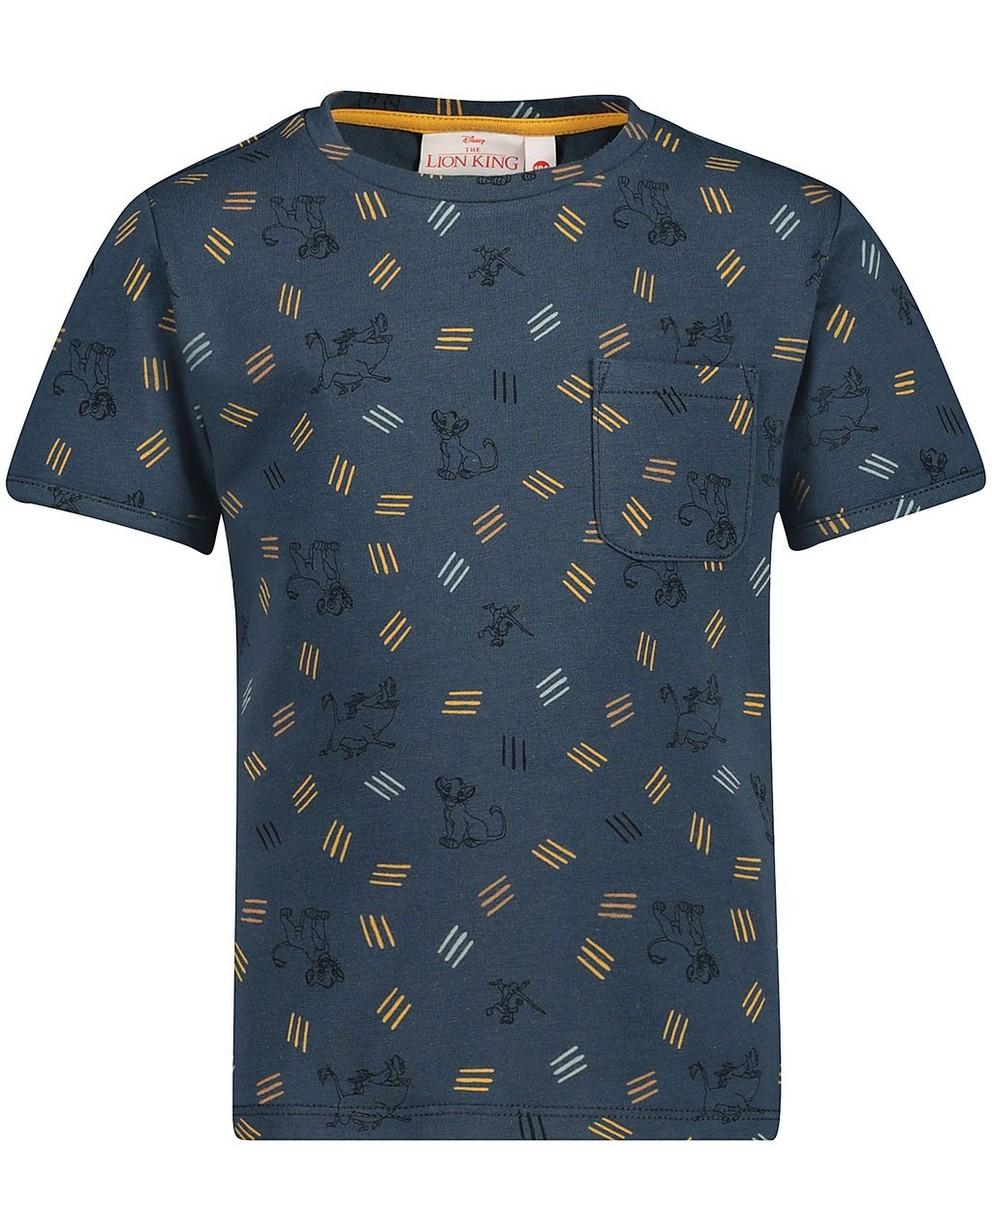 T-shirt bleu Le Roi Lion, Disney - imprimé - Lion King